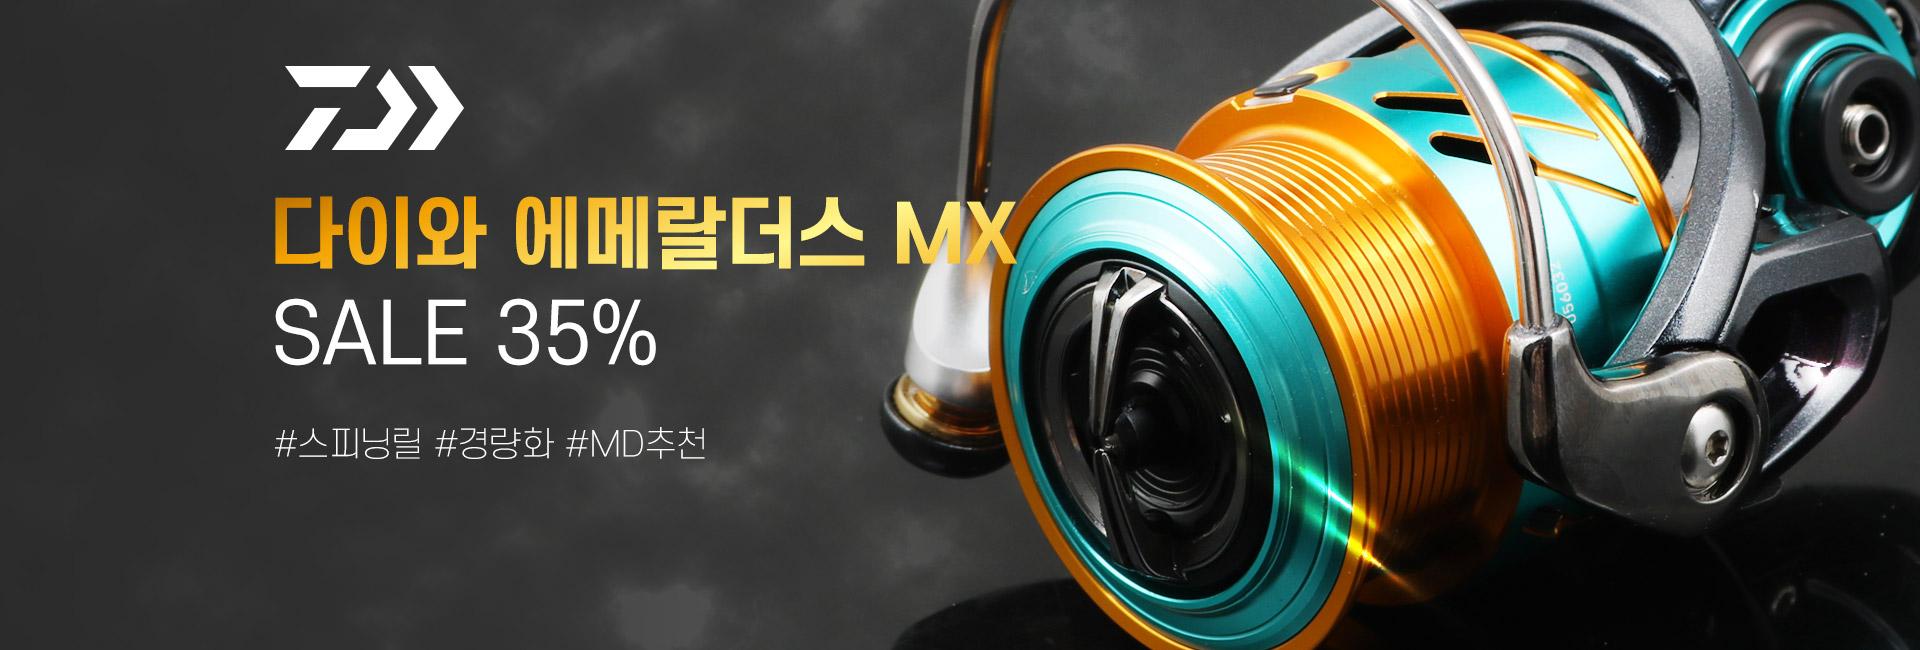 특가세일 에메랄더-MX